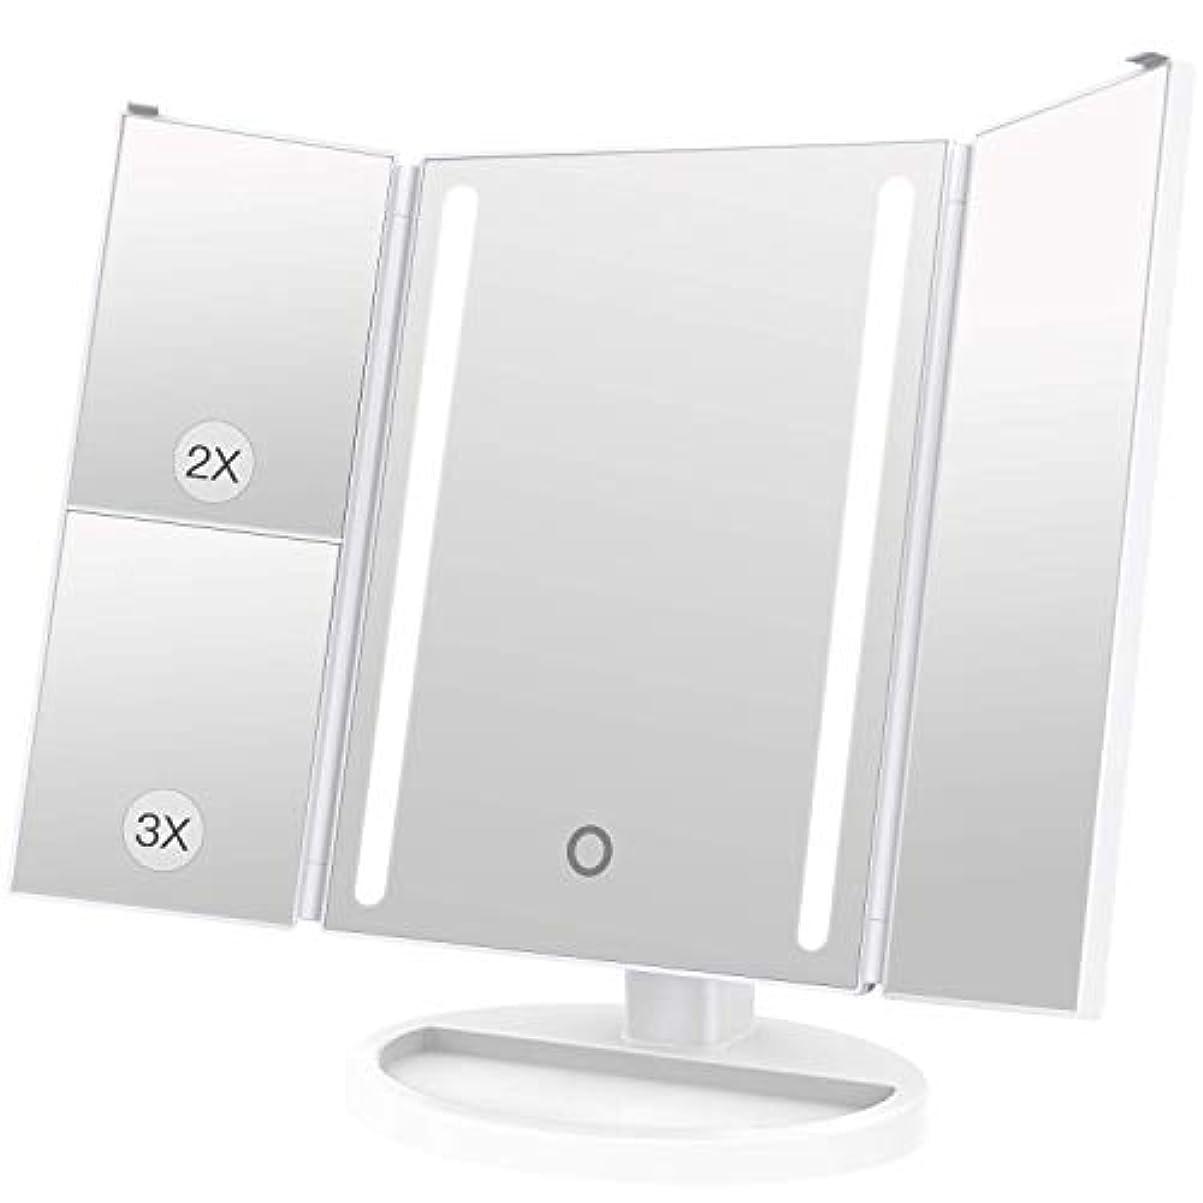 サージ素晴らしい凍結LEEPWEI 化粧鏡 LED 三面鏡 2&3倍拡大鏡付き 明るさ調節可能 180度回転 USB/単三電池給電 (ホワイト)